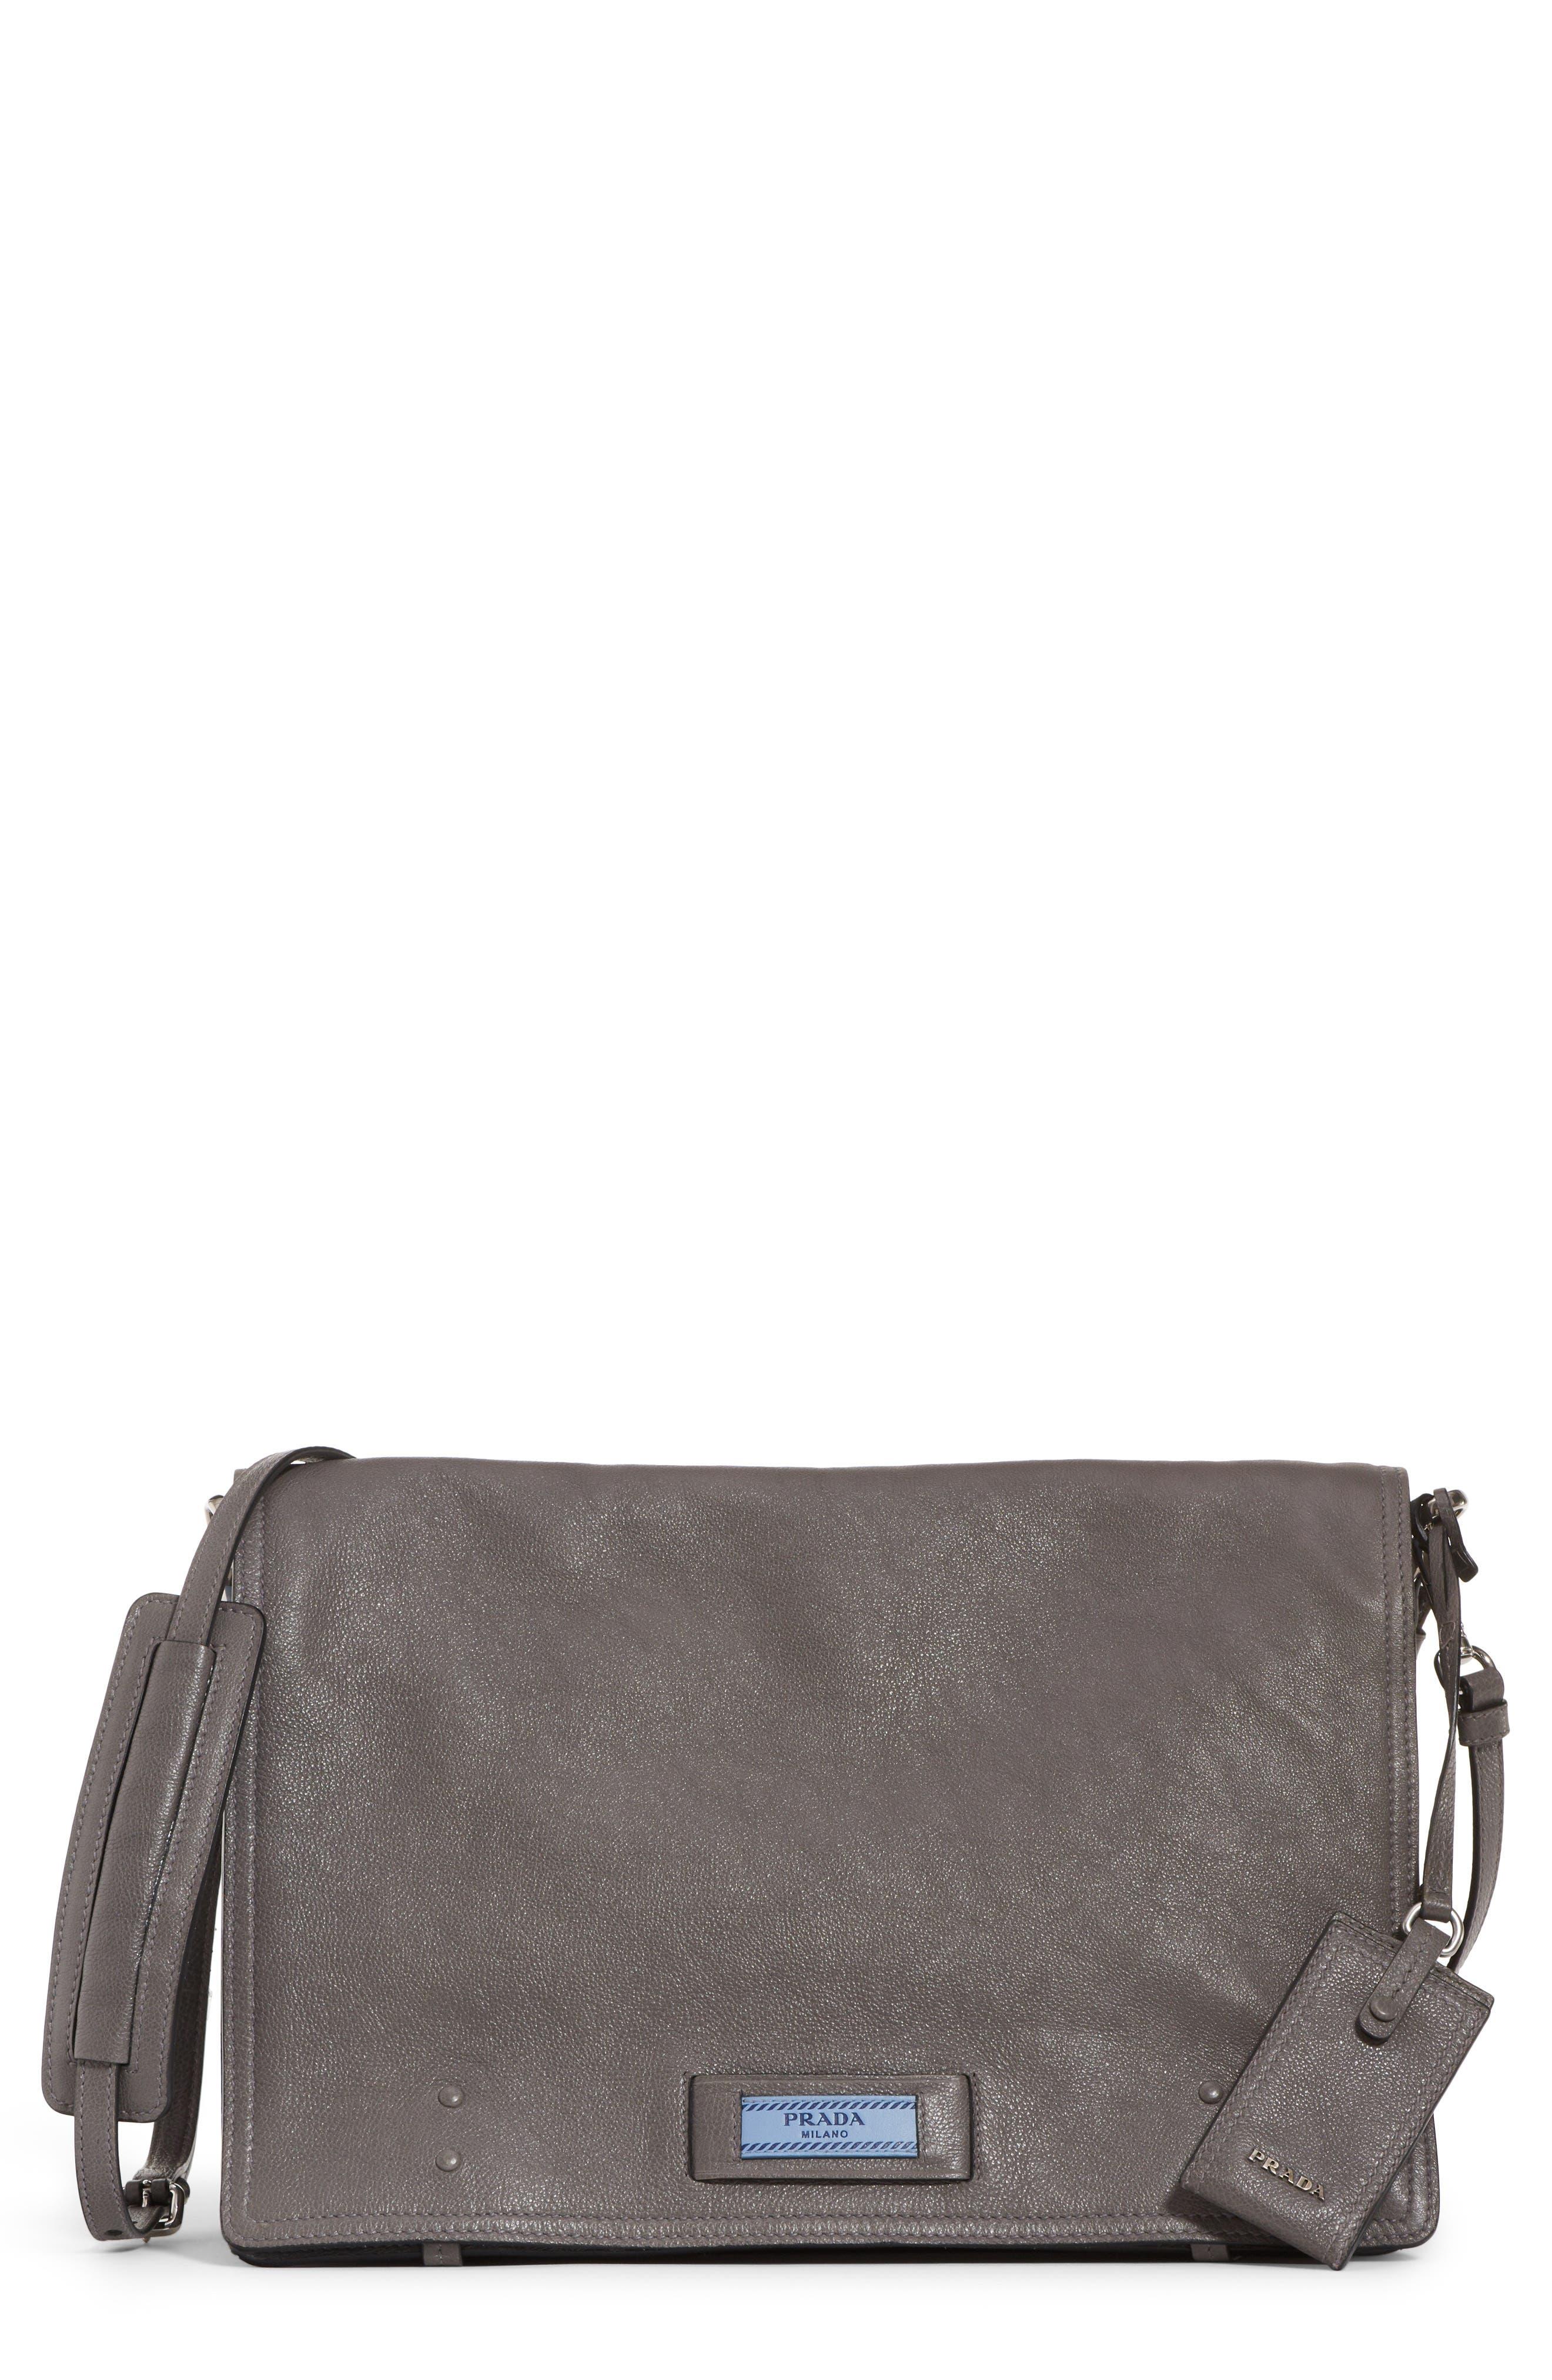 1483be88377c Prada Shoulder Bags